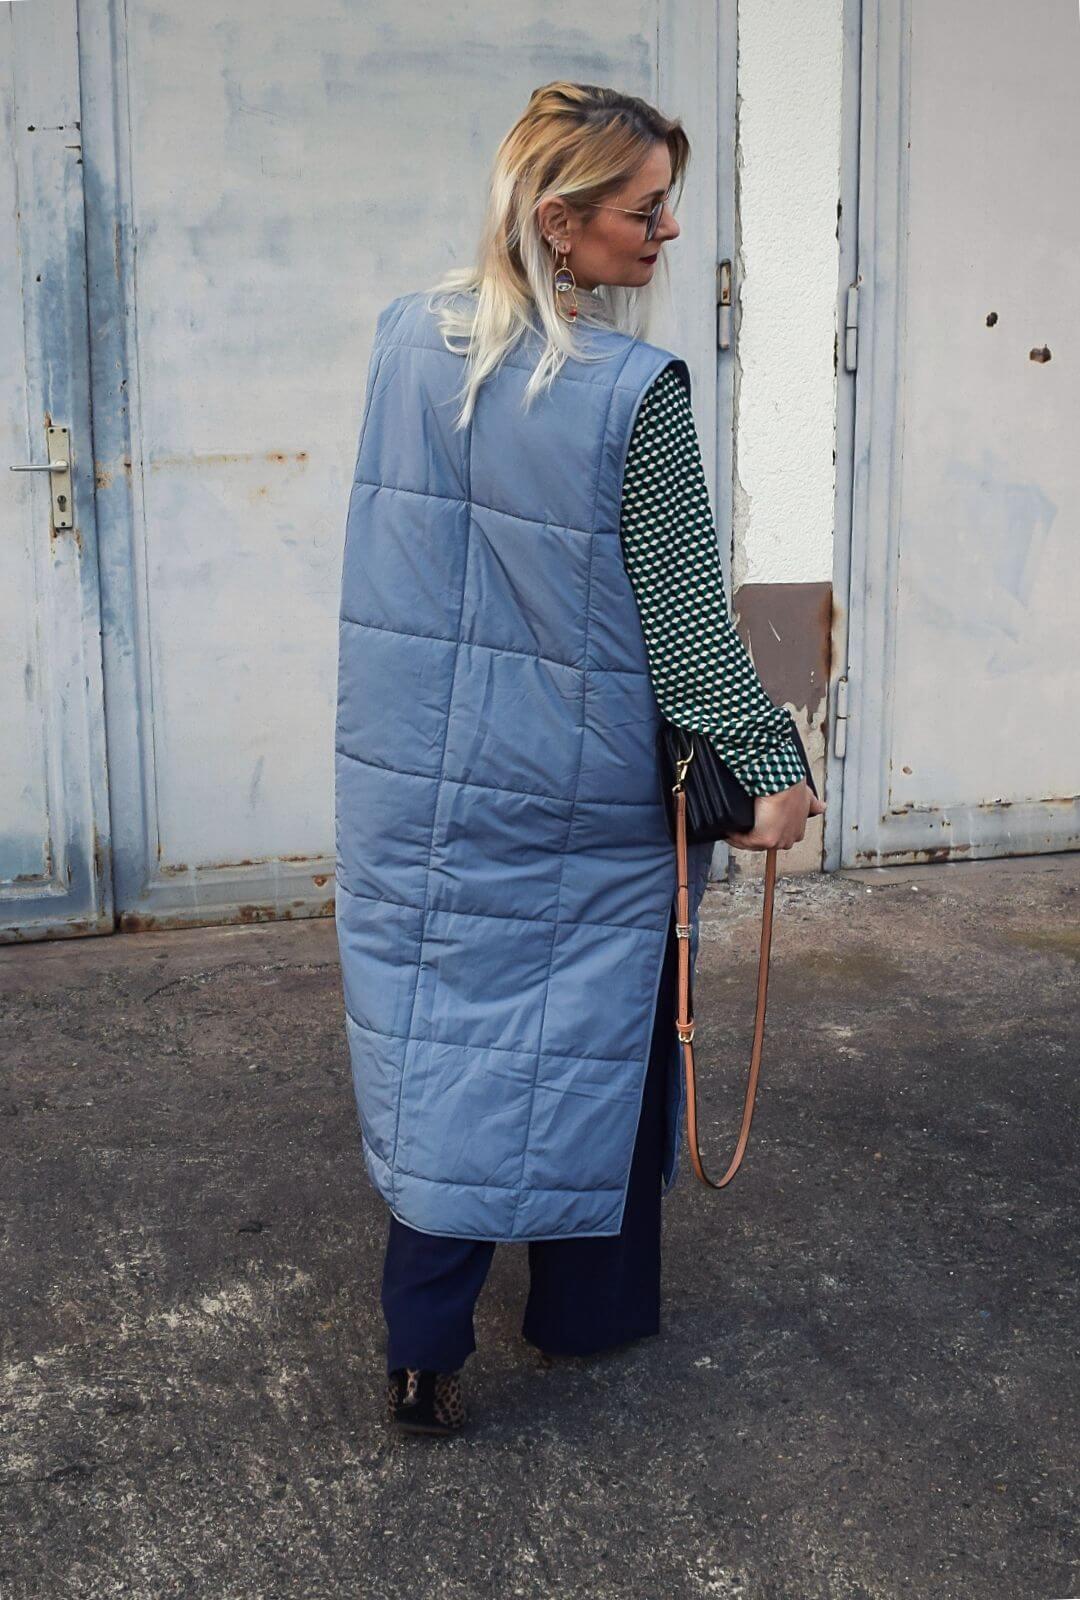 Steppwesten-Stylisch-Outfit